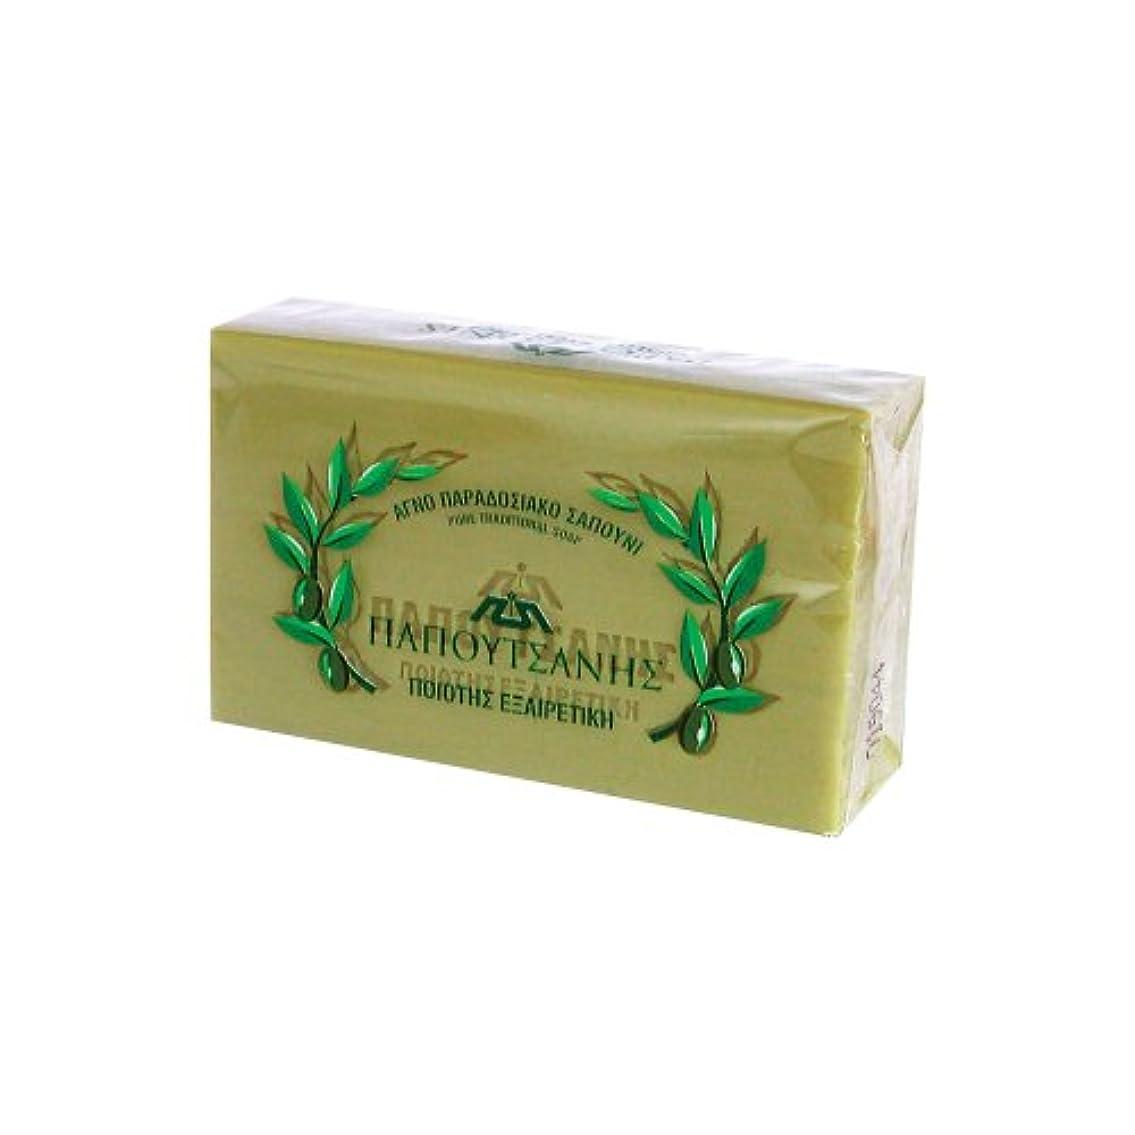 財政火山鎮痛剤ギリシャの石鹸 パポタニス125g